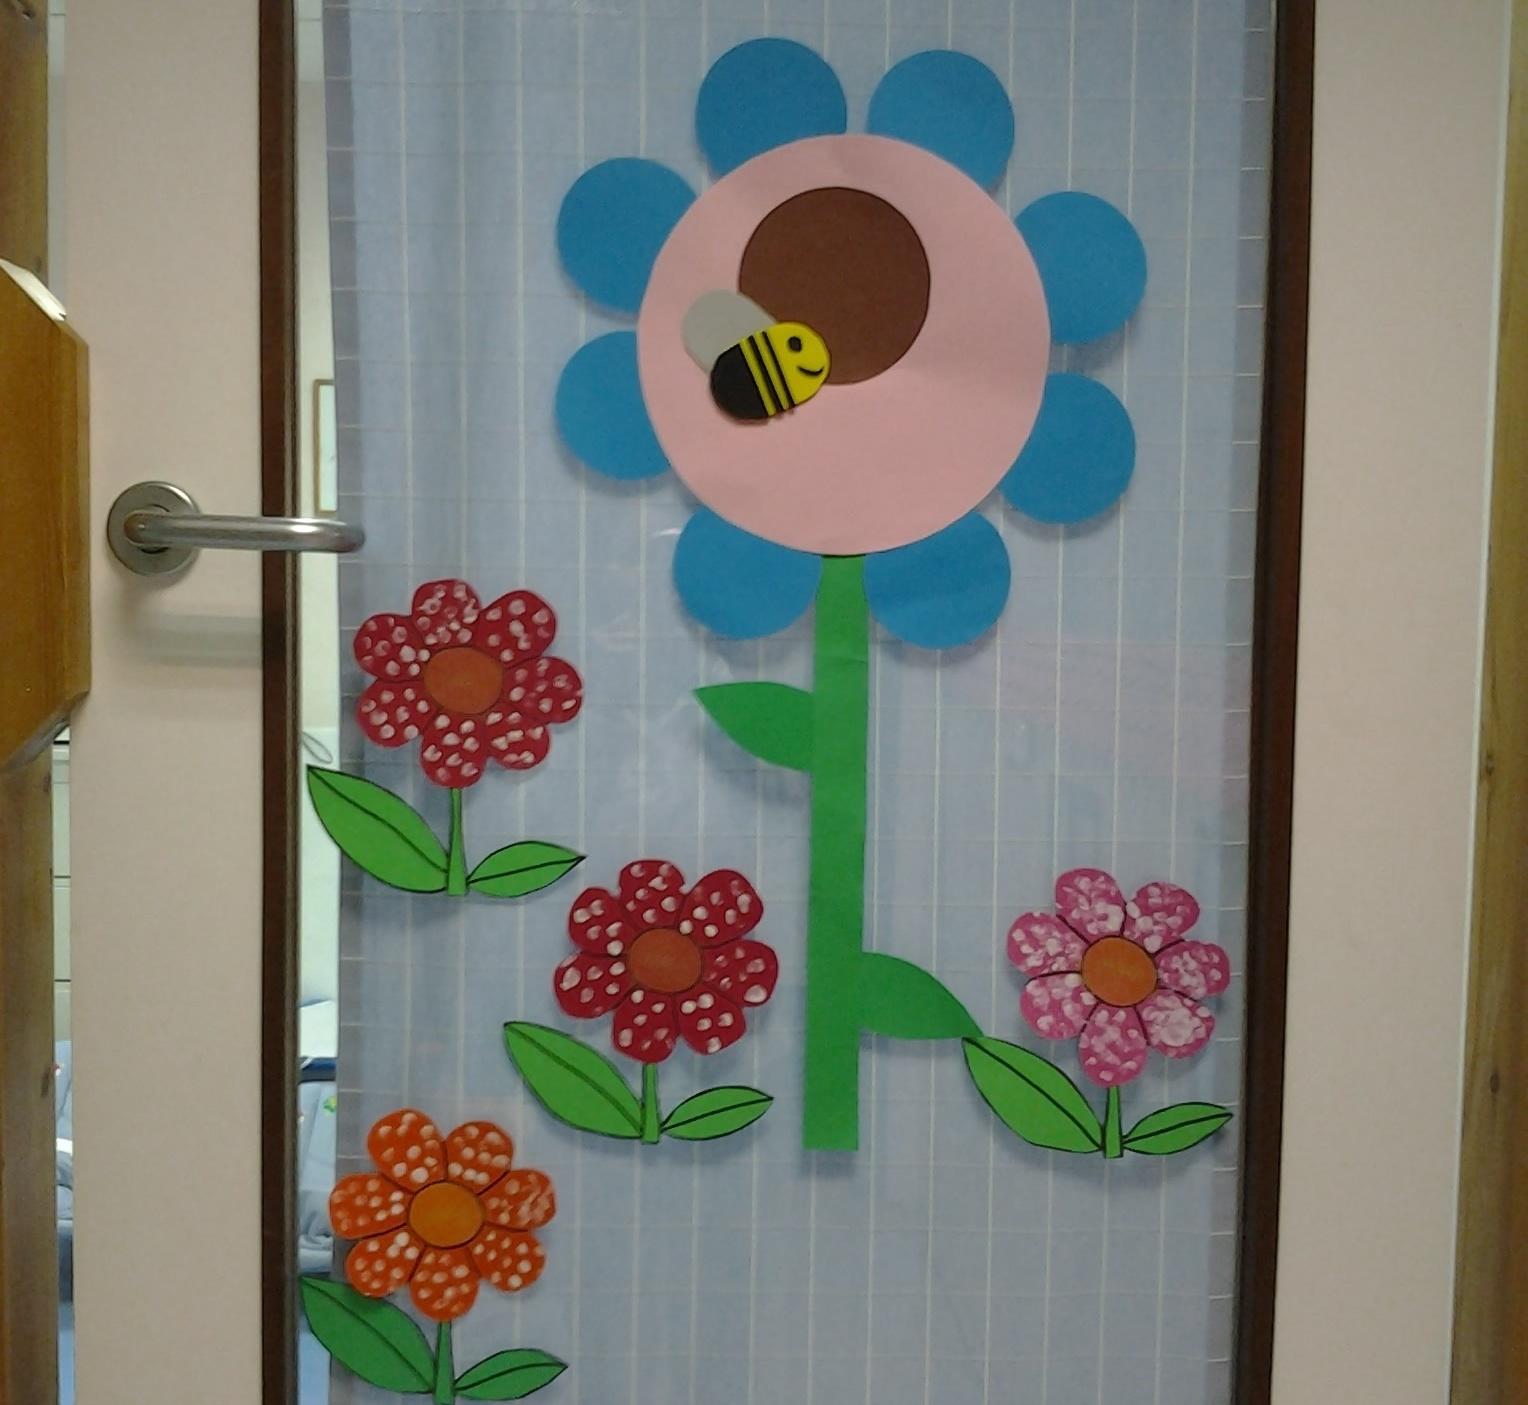 Primavera puertas 23 imagenes educativas for Decoracion de aula para navidad